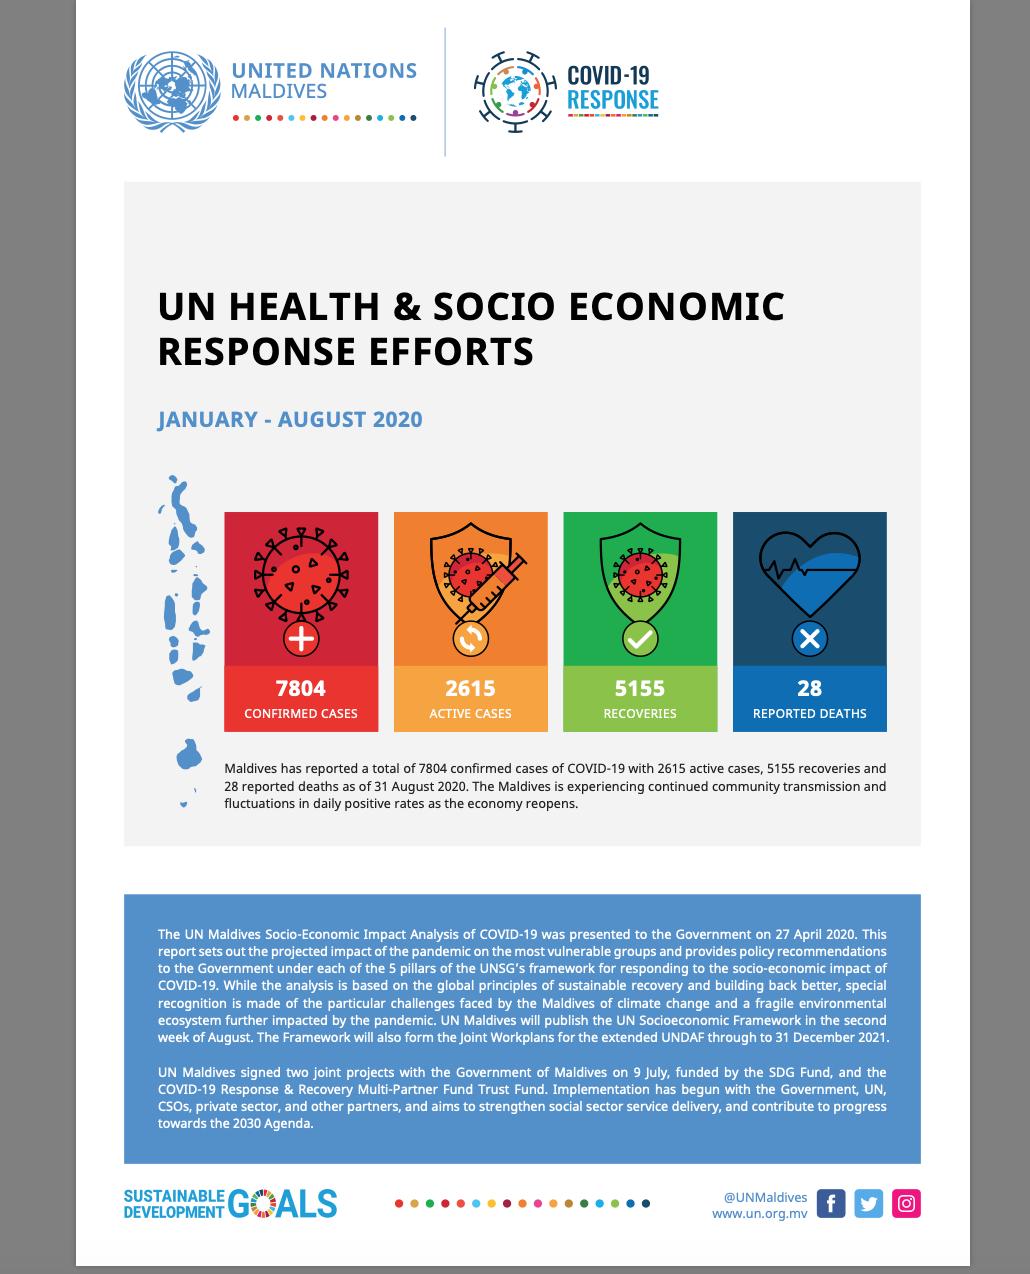 UN Health & Socio Economic Response Efforts